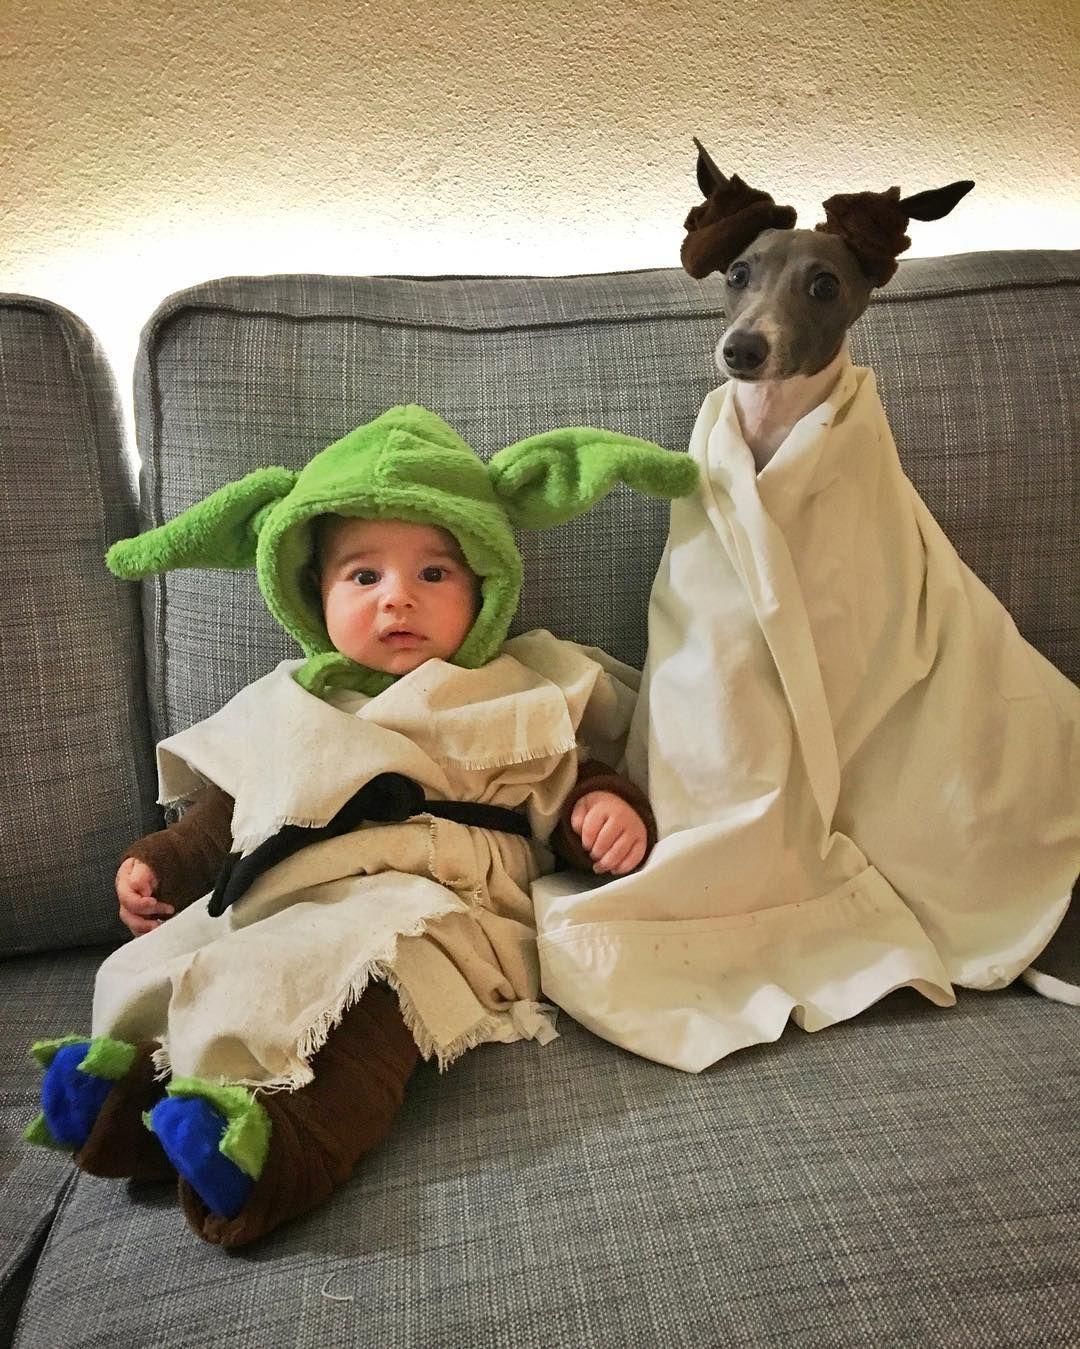 Baby Yoda Costume And Dog Costume Instagram Baby Yoda Costume